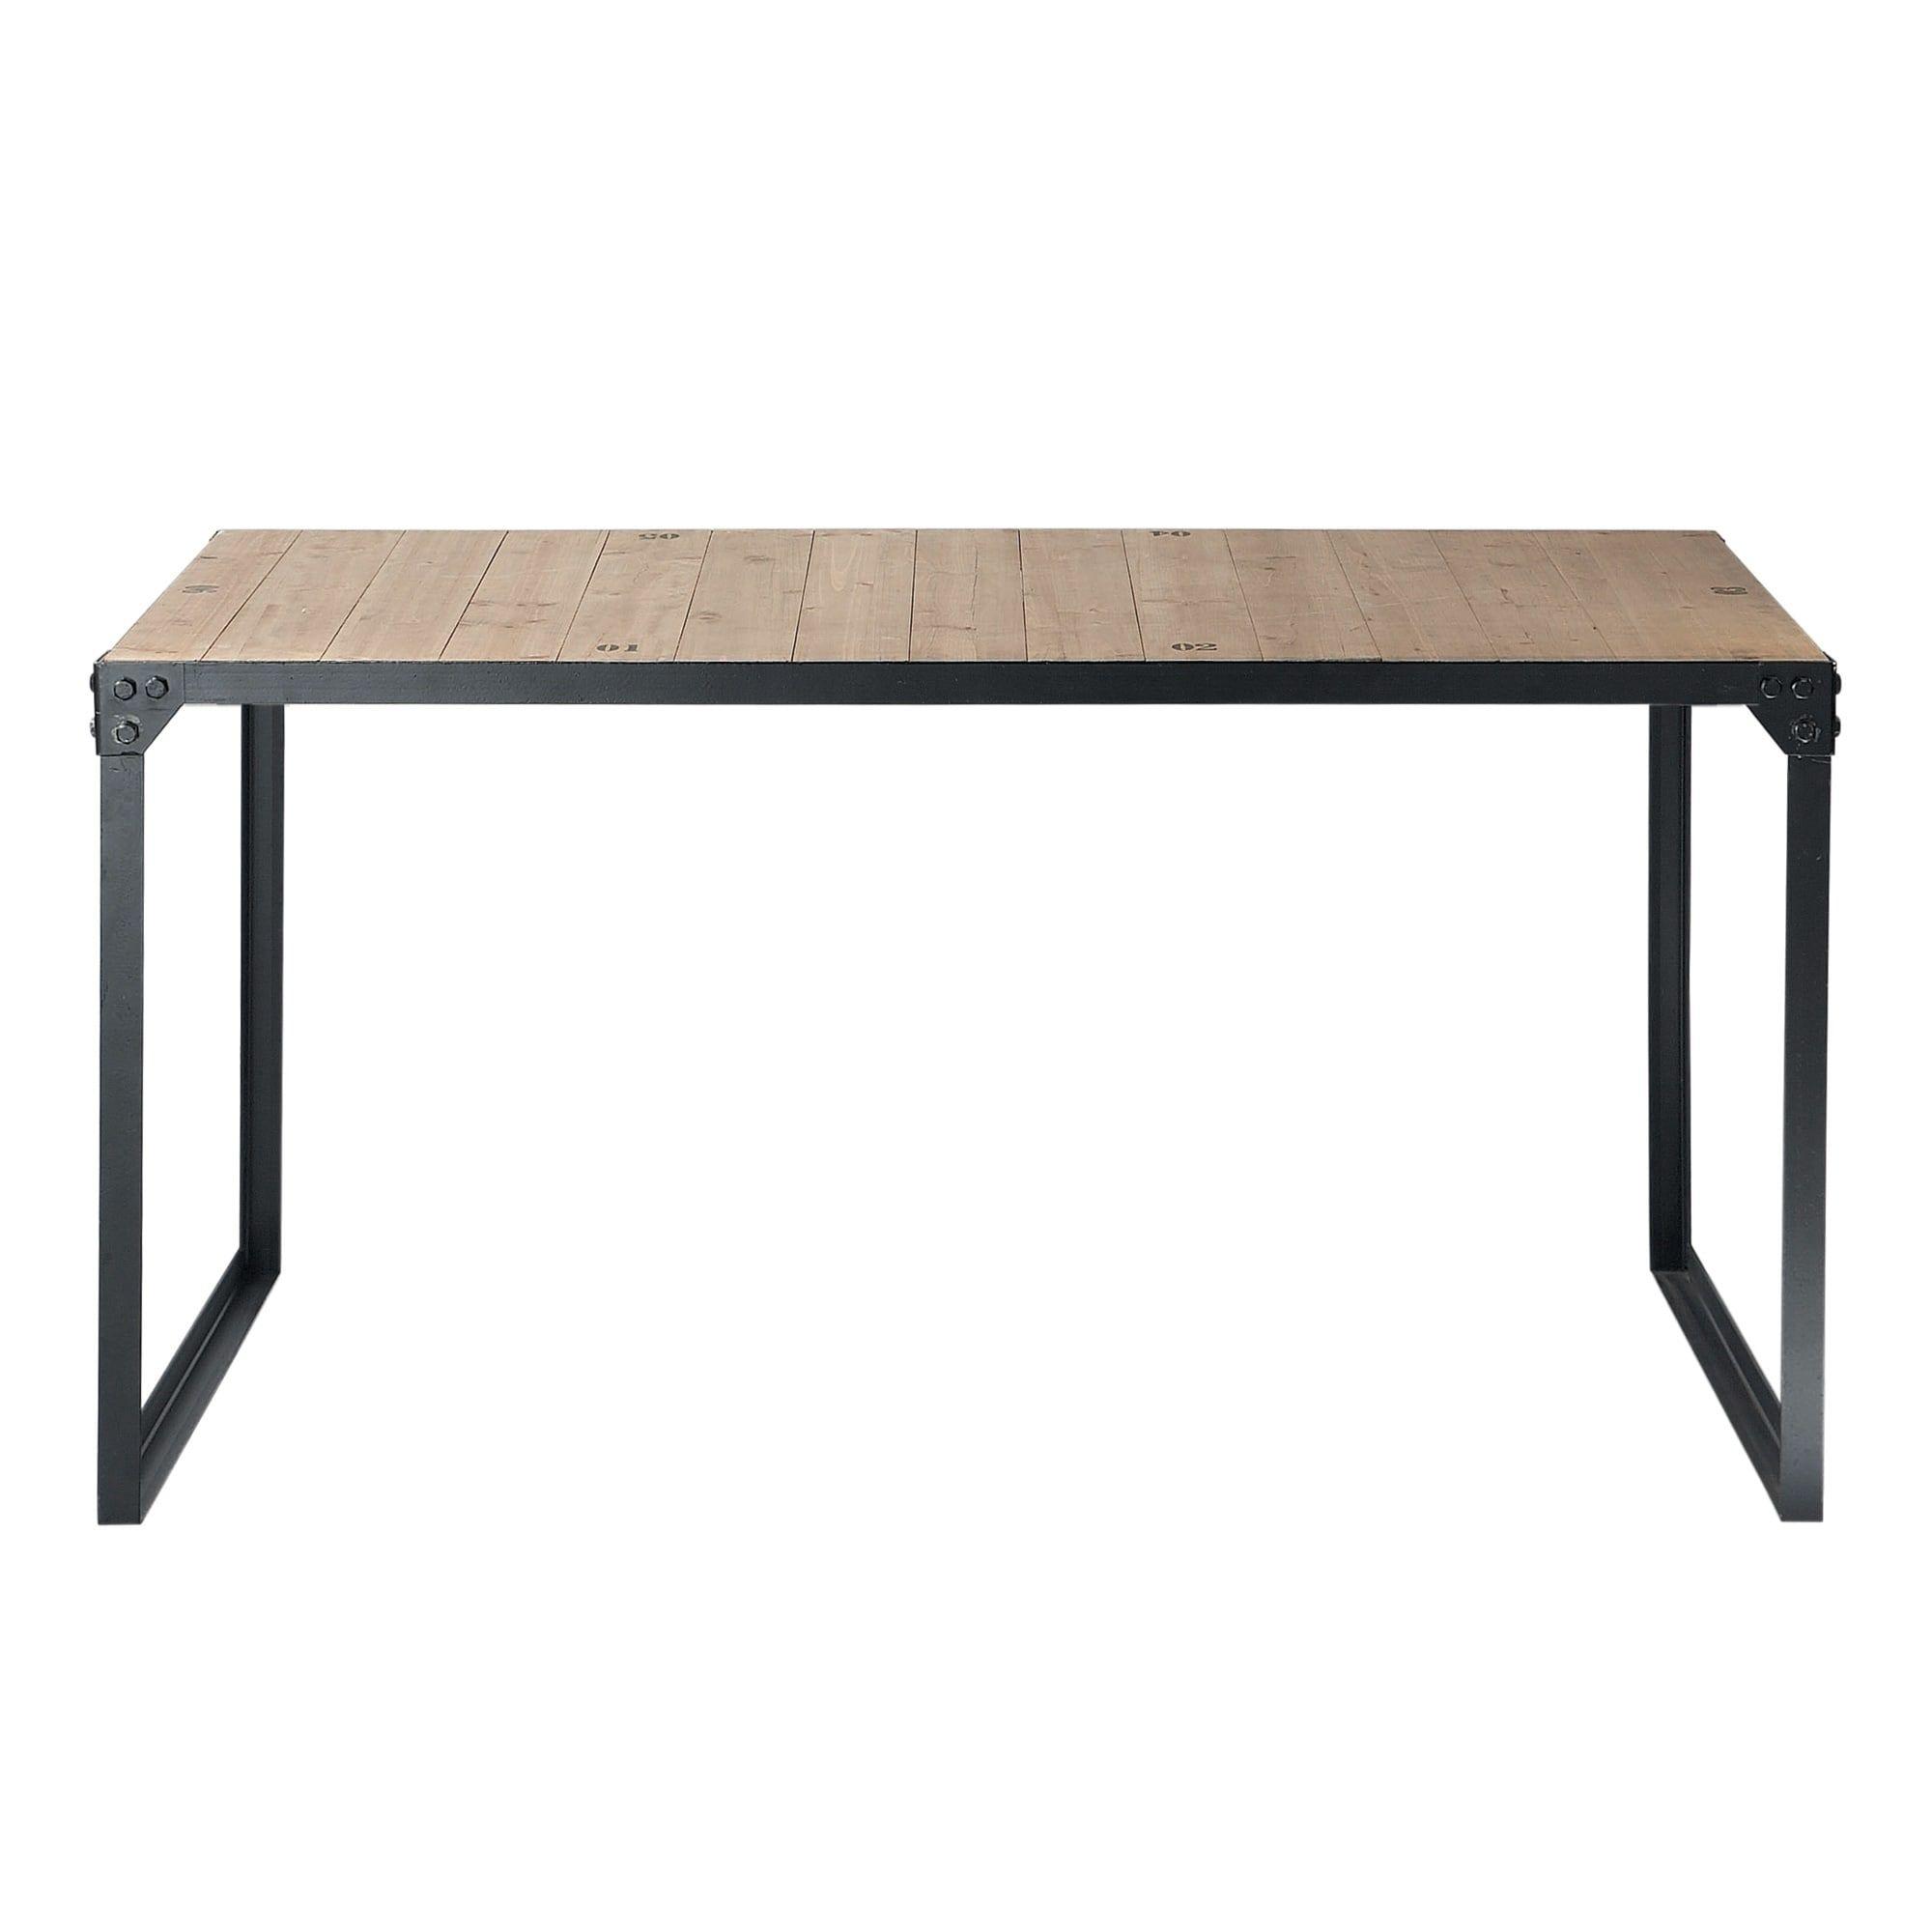 Esstisch im Industrial Stil aus Holz und Metall B 140 cm Jetzt